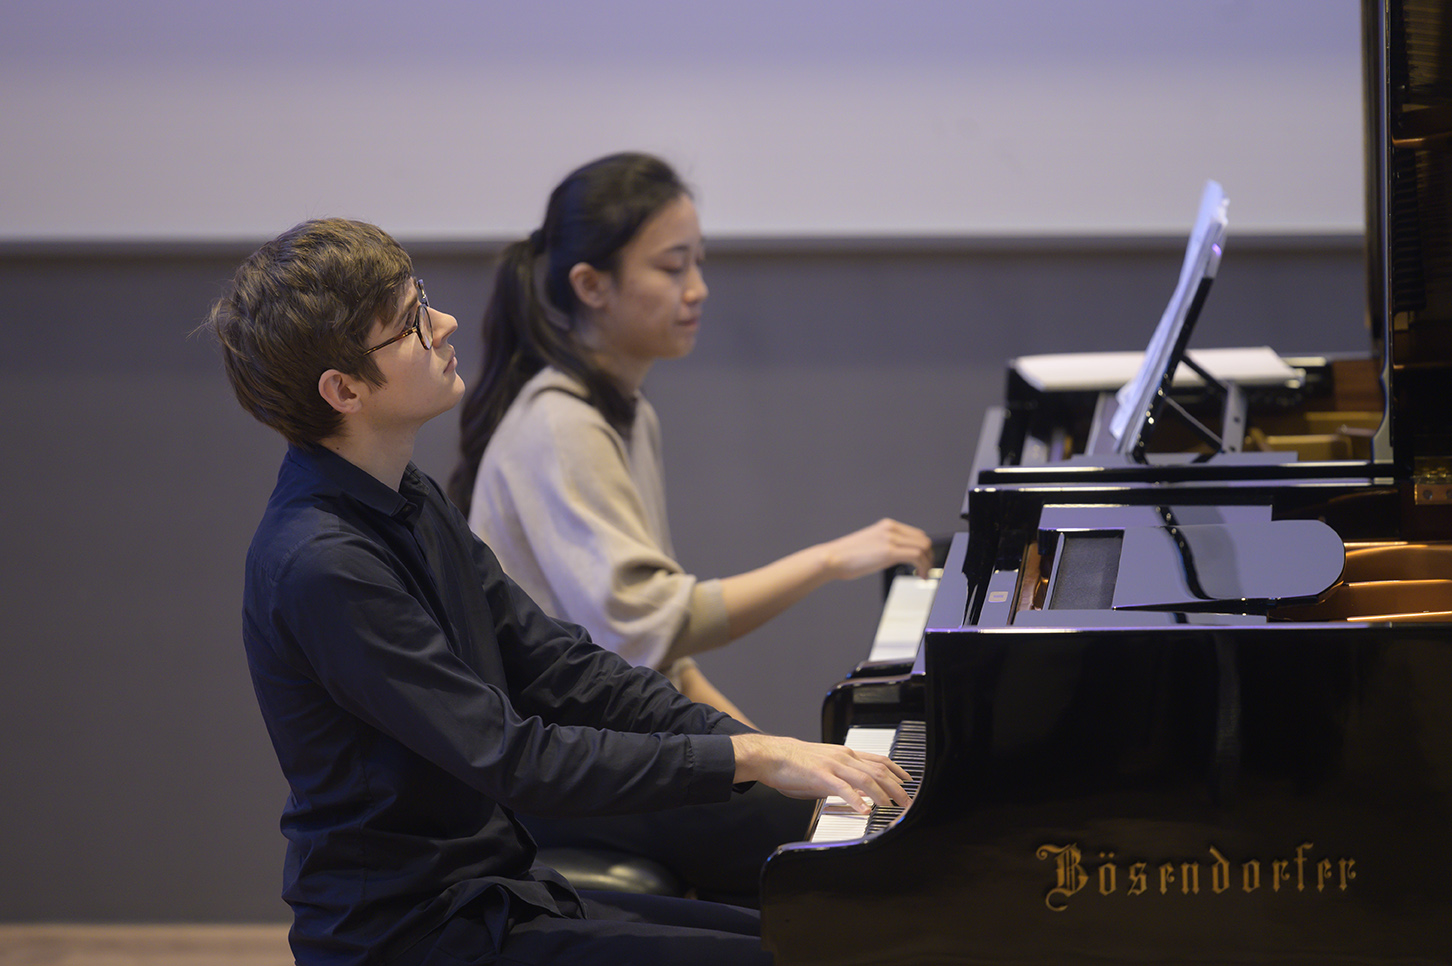 Jérémie Conus, Finalist Rahn Musikpreis 2020 for piano